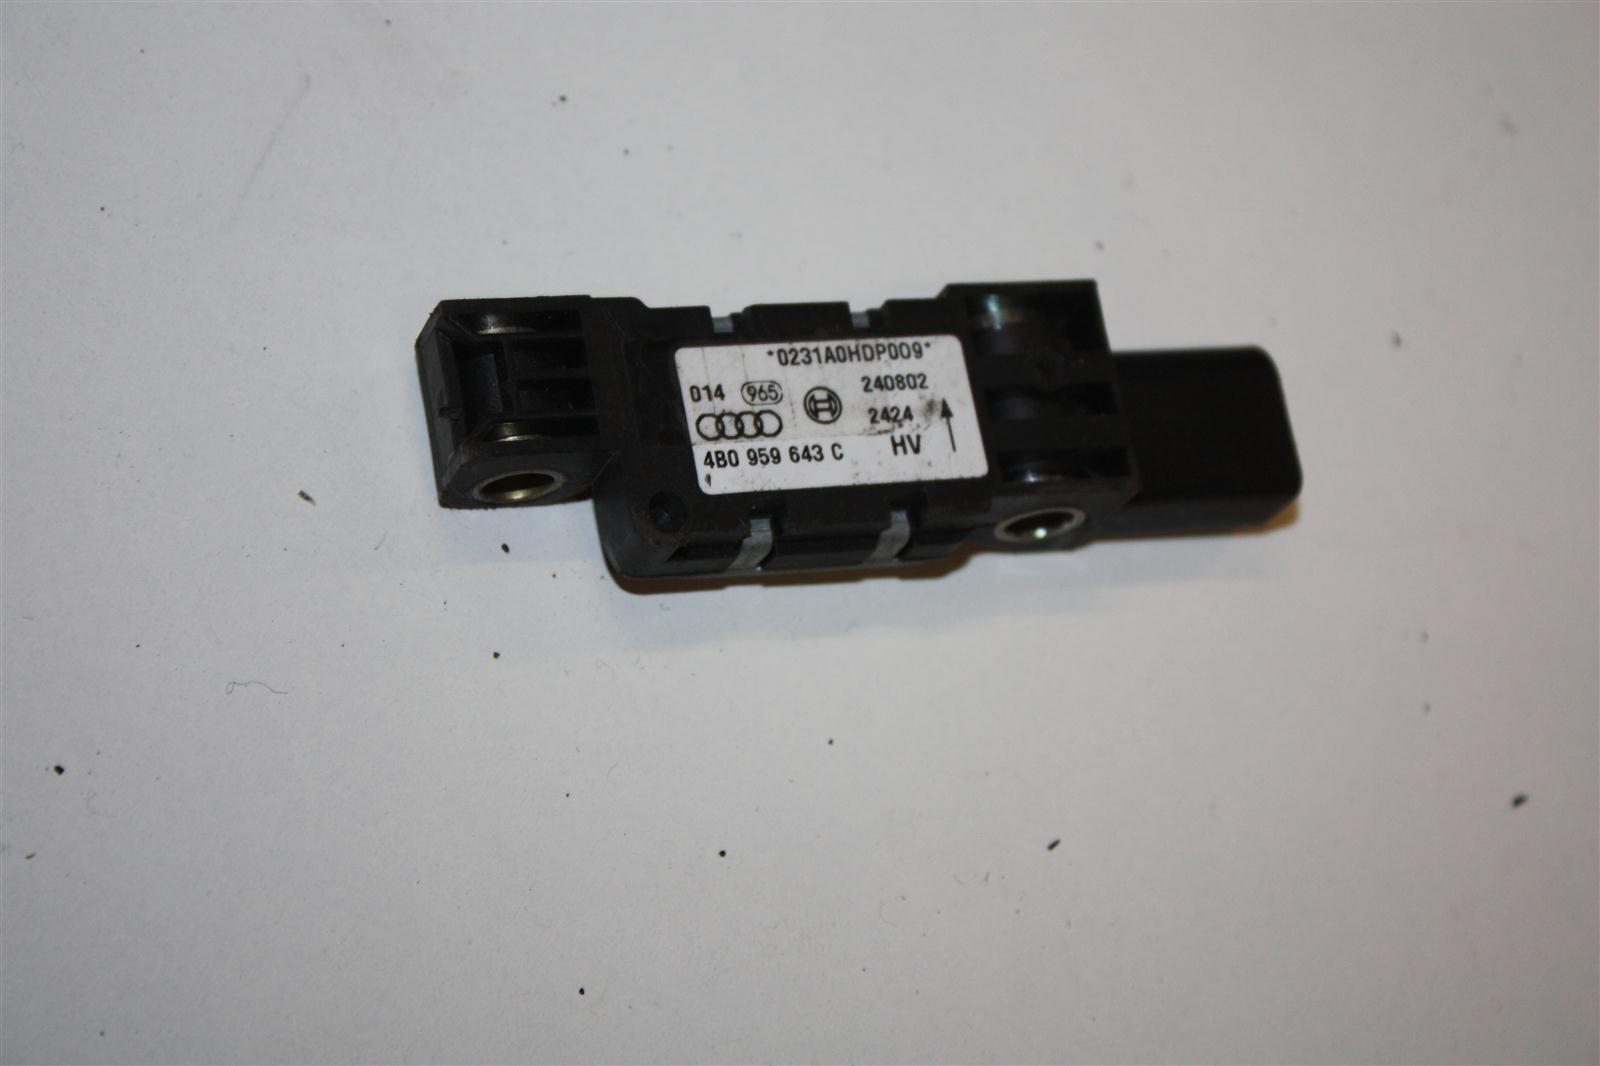 Audi A3/A6/A8 Crash-Sensor 4B0959643C